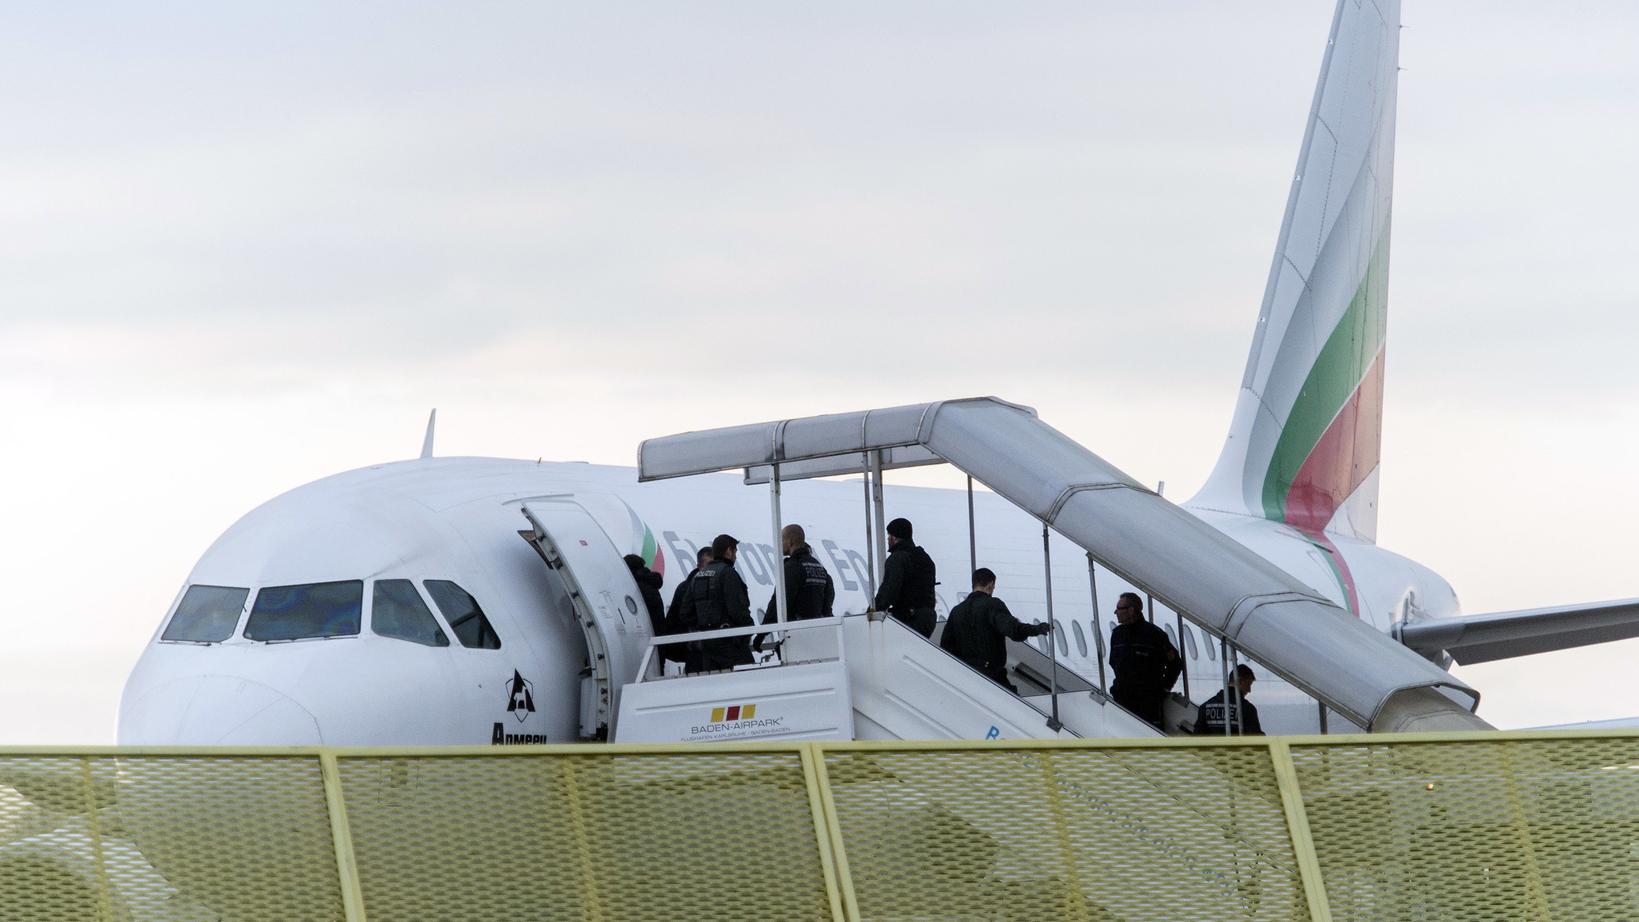 Baden-Württemberg, Rheinmünster: Abgelehnte Asylbewerber steigen am Baden-Airport in Rheinmünster im Rahmen einer landesweiten Sammelabschiebung in ein Flugzeug.